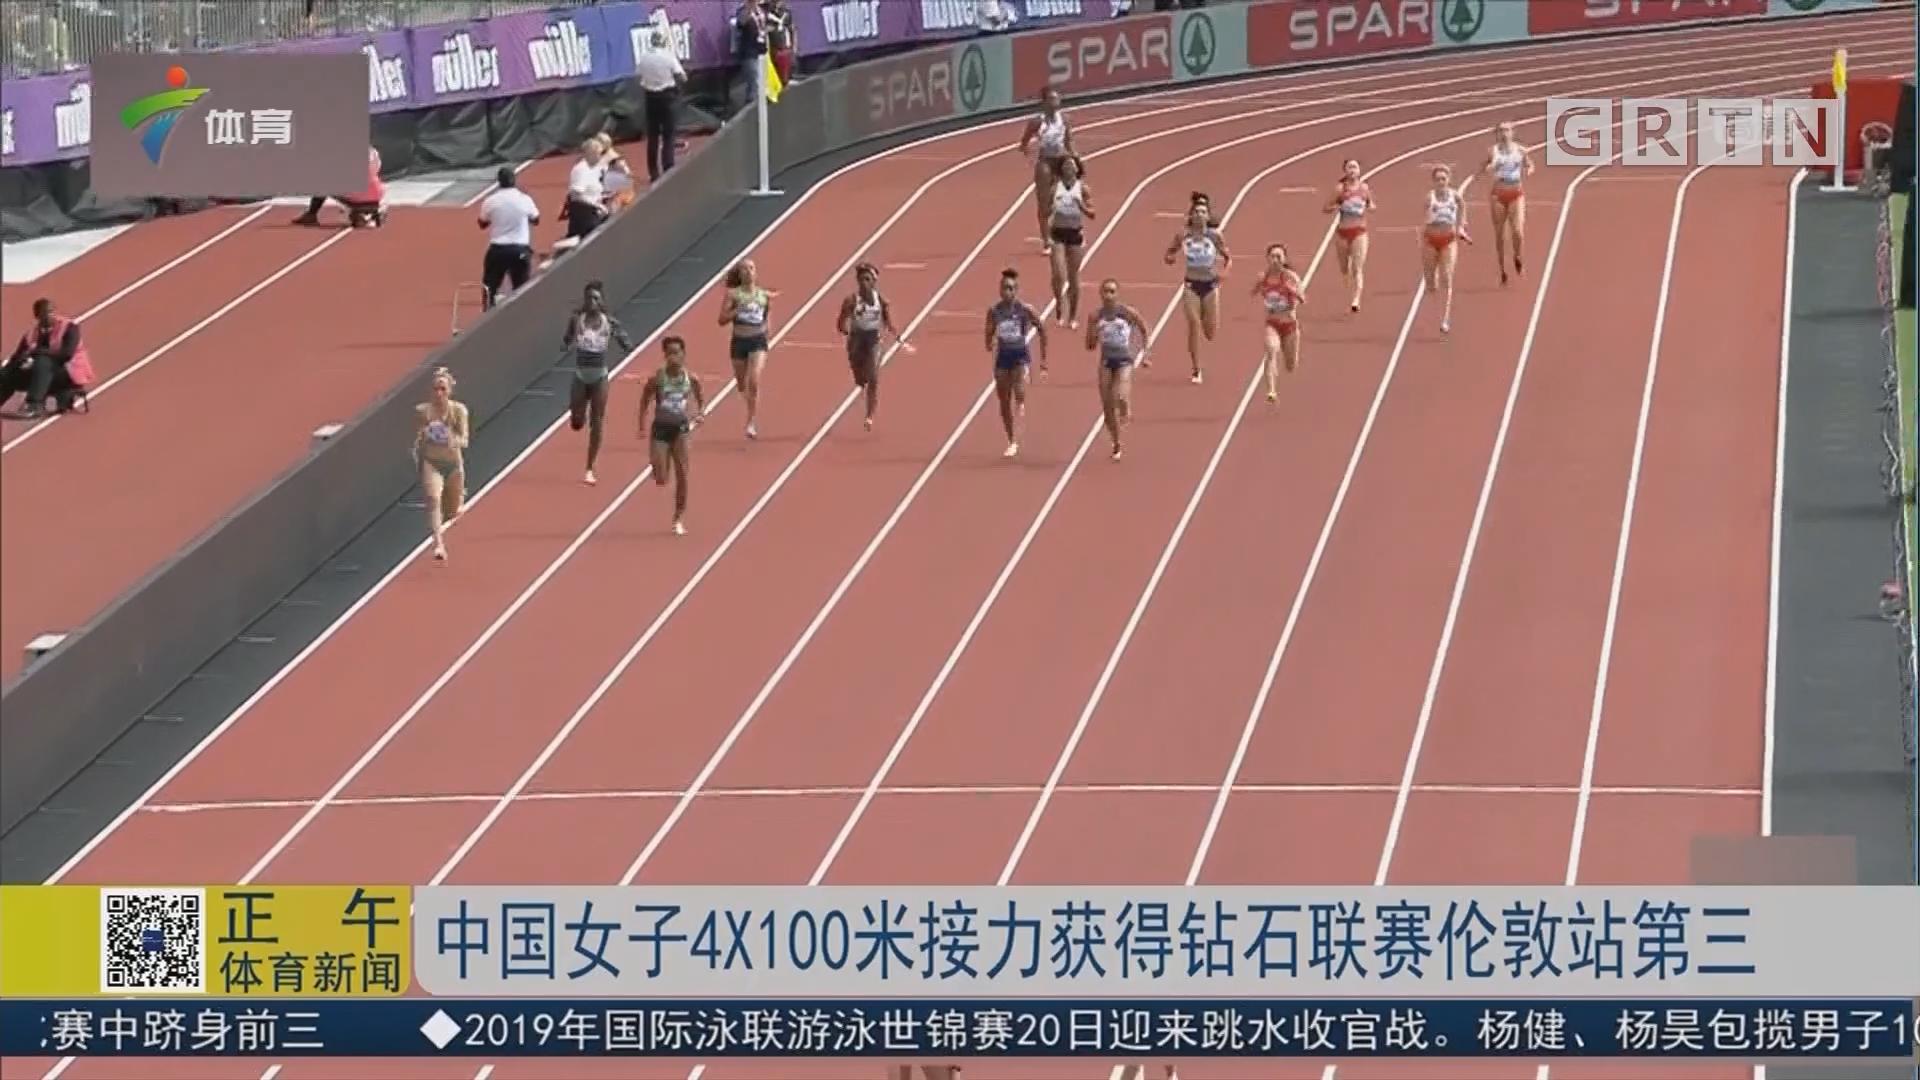 中国女足4X100米接力获得钻石联赛伦敦站第三